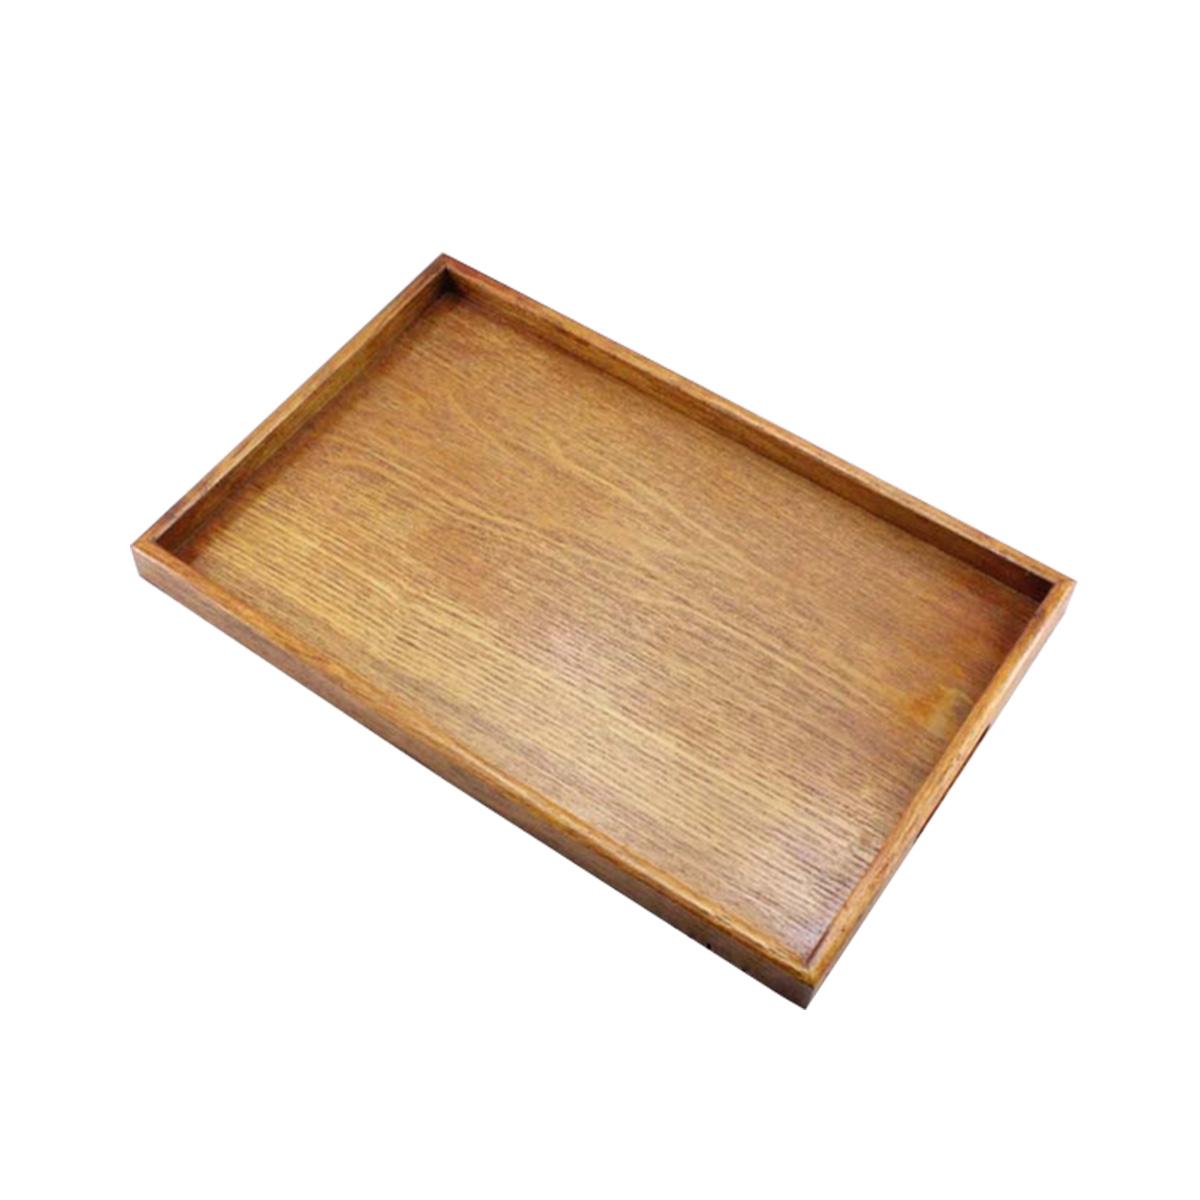 Achetez En Gros Vaisselle Jetable En Bambou En Ligne Des